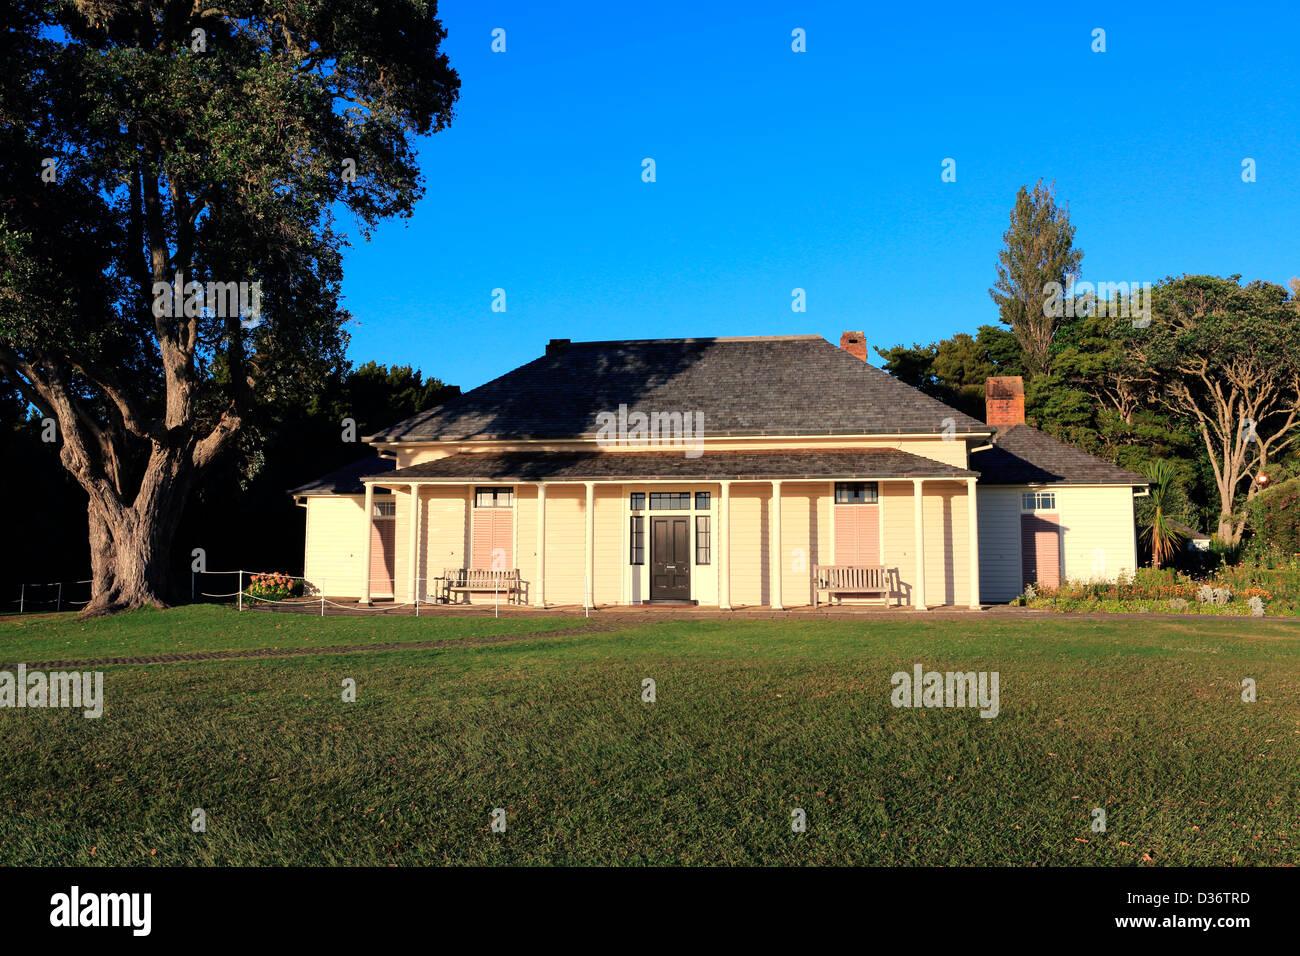 The historic treaty house at the Waitangi Treaty Grounds. - Stock Image